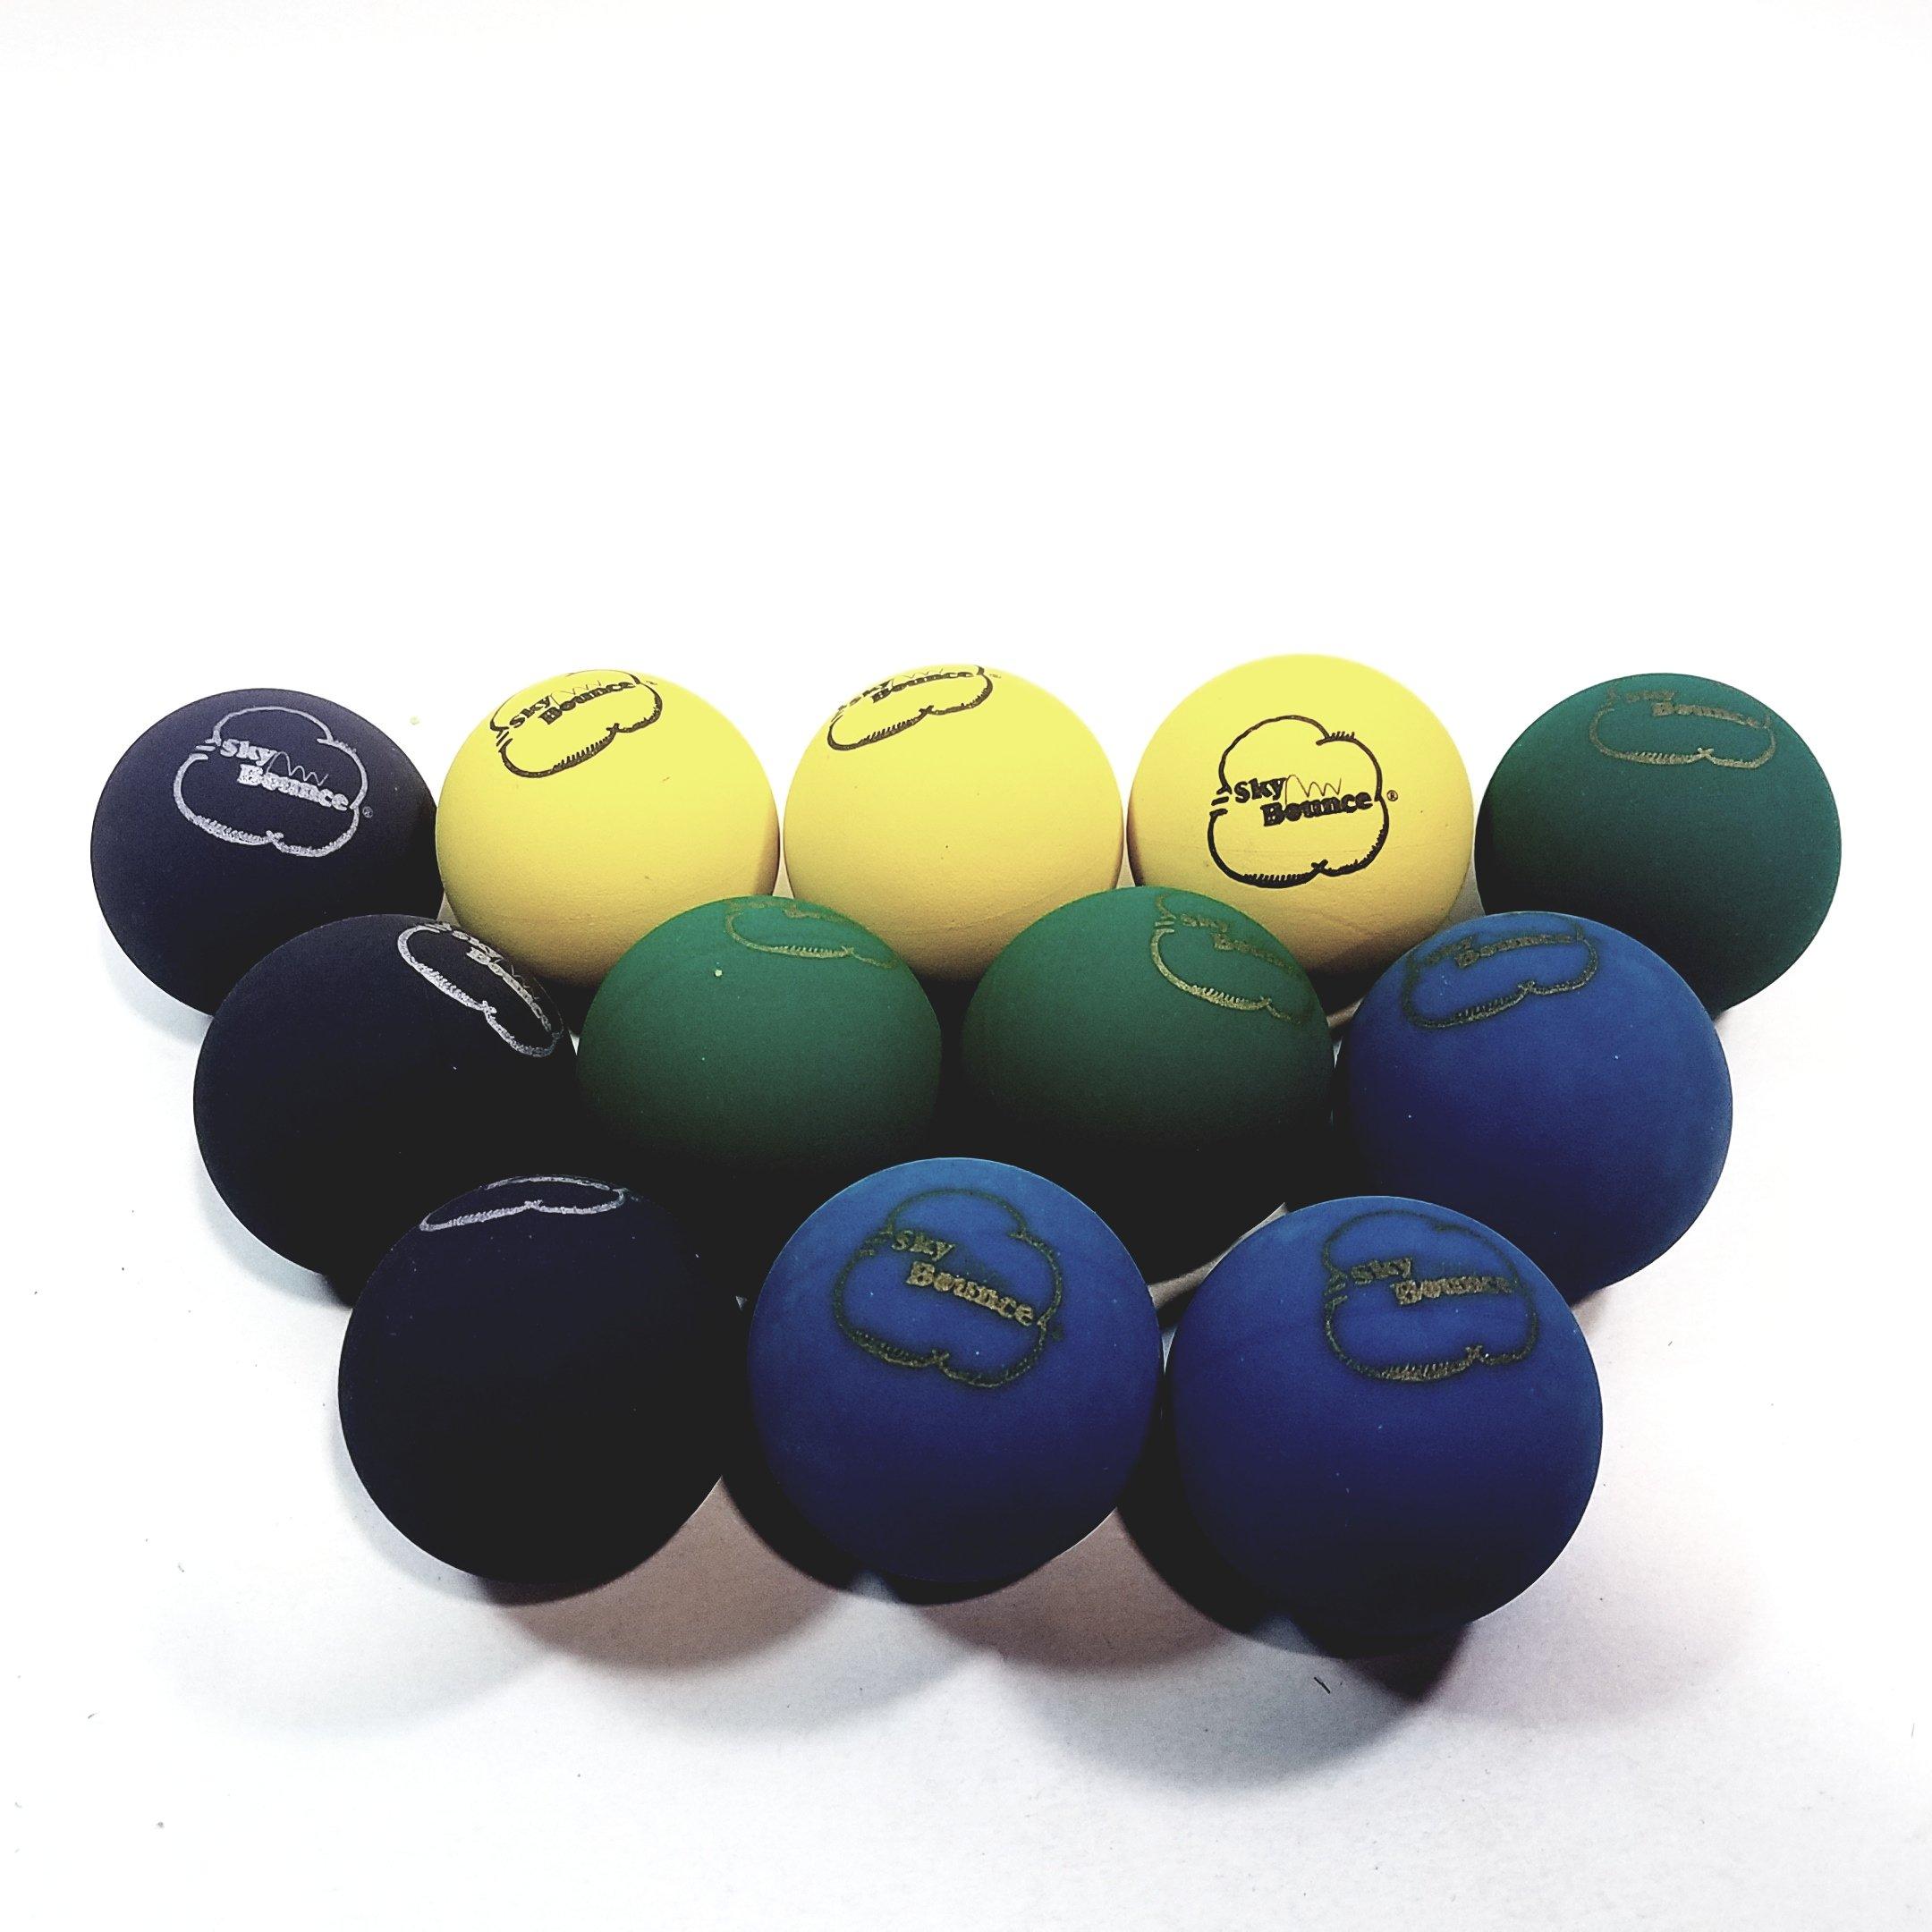 Sky Bounce Multi Color Handball Set Of 12 (1 Dozen) Balls (Blue-Green-Yellow-Black)